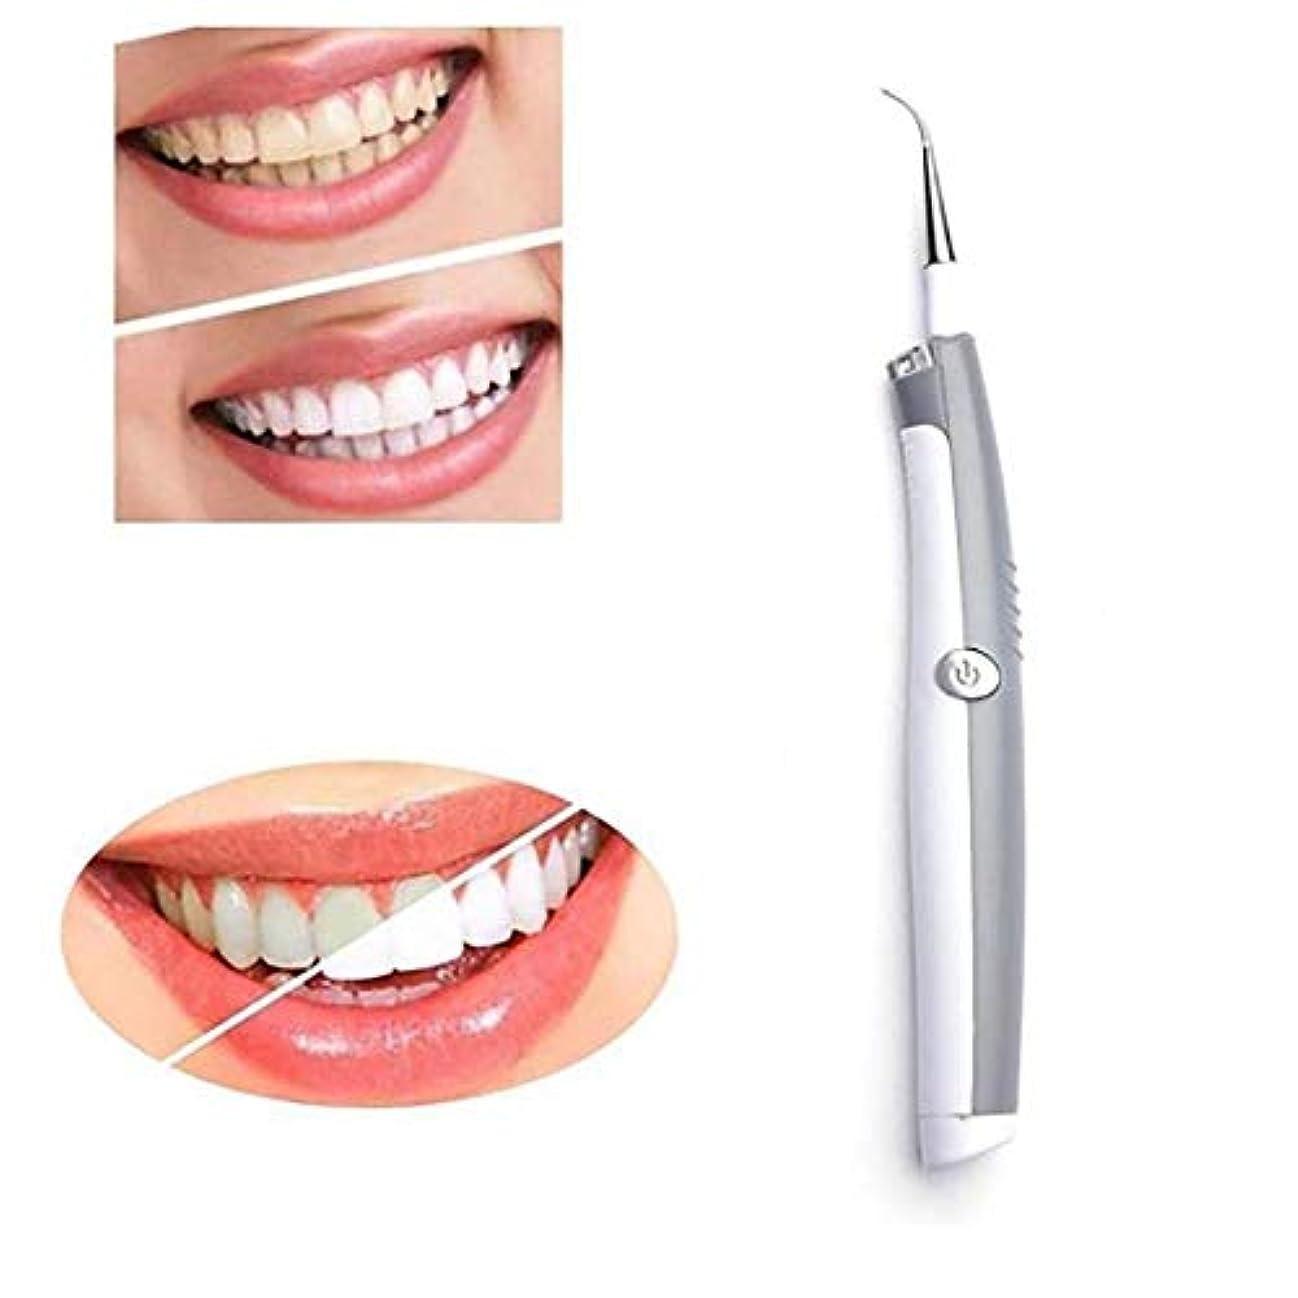 終点こするレーザLEDライト付き電動歯クリーナーエレクトリック歯石の除去ホワイトニング歯科クリーニングツール